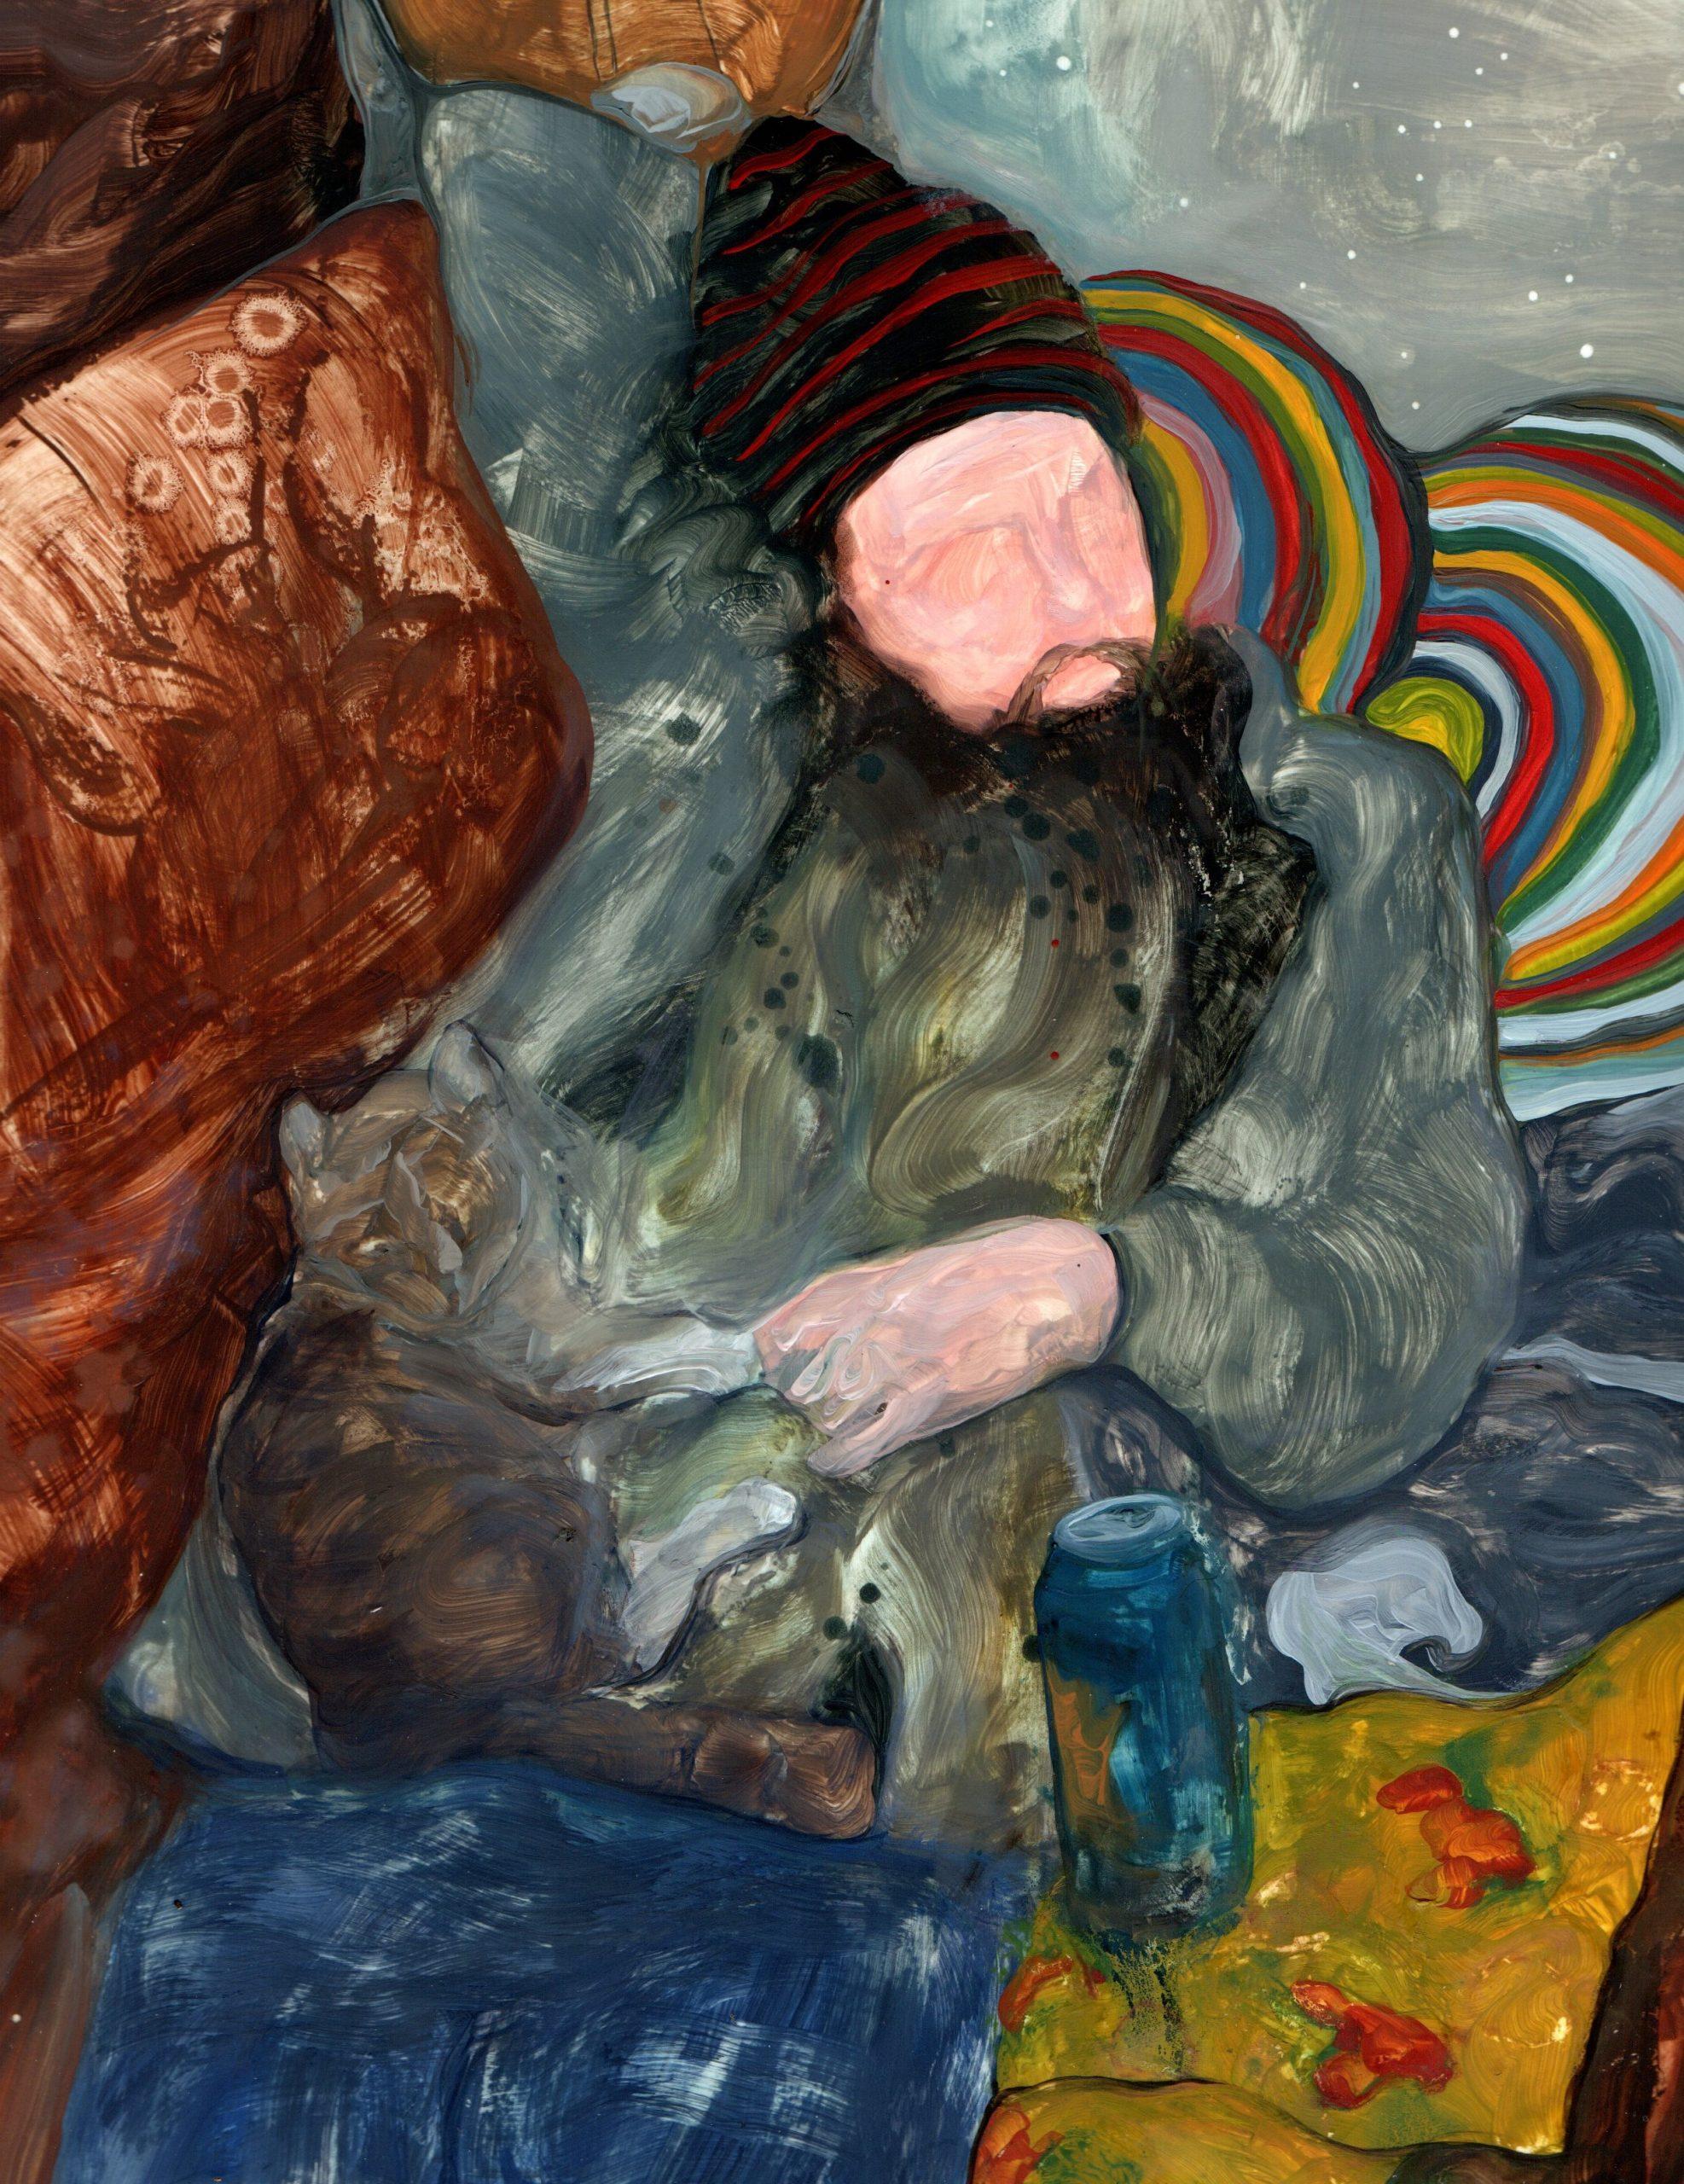 Ett av konstverken som ställs ut i Vattenlagret. Konstnär: Aleksi Systä.